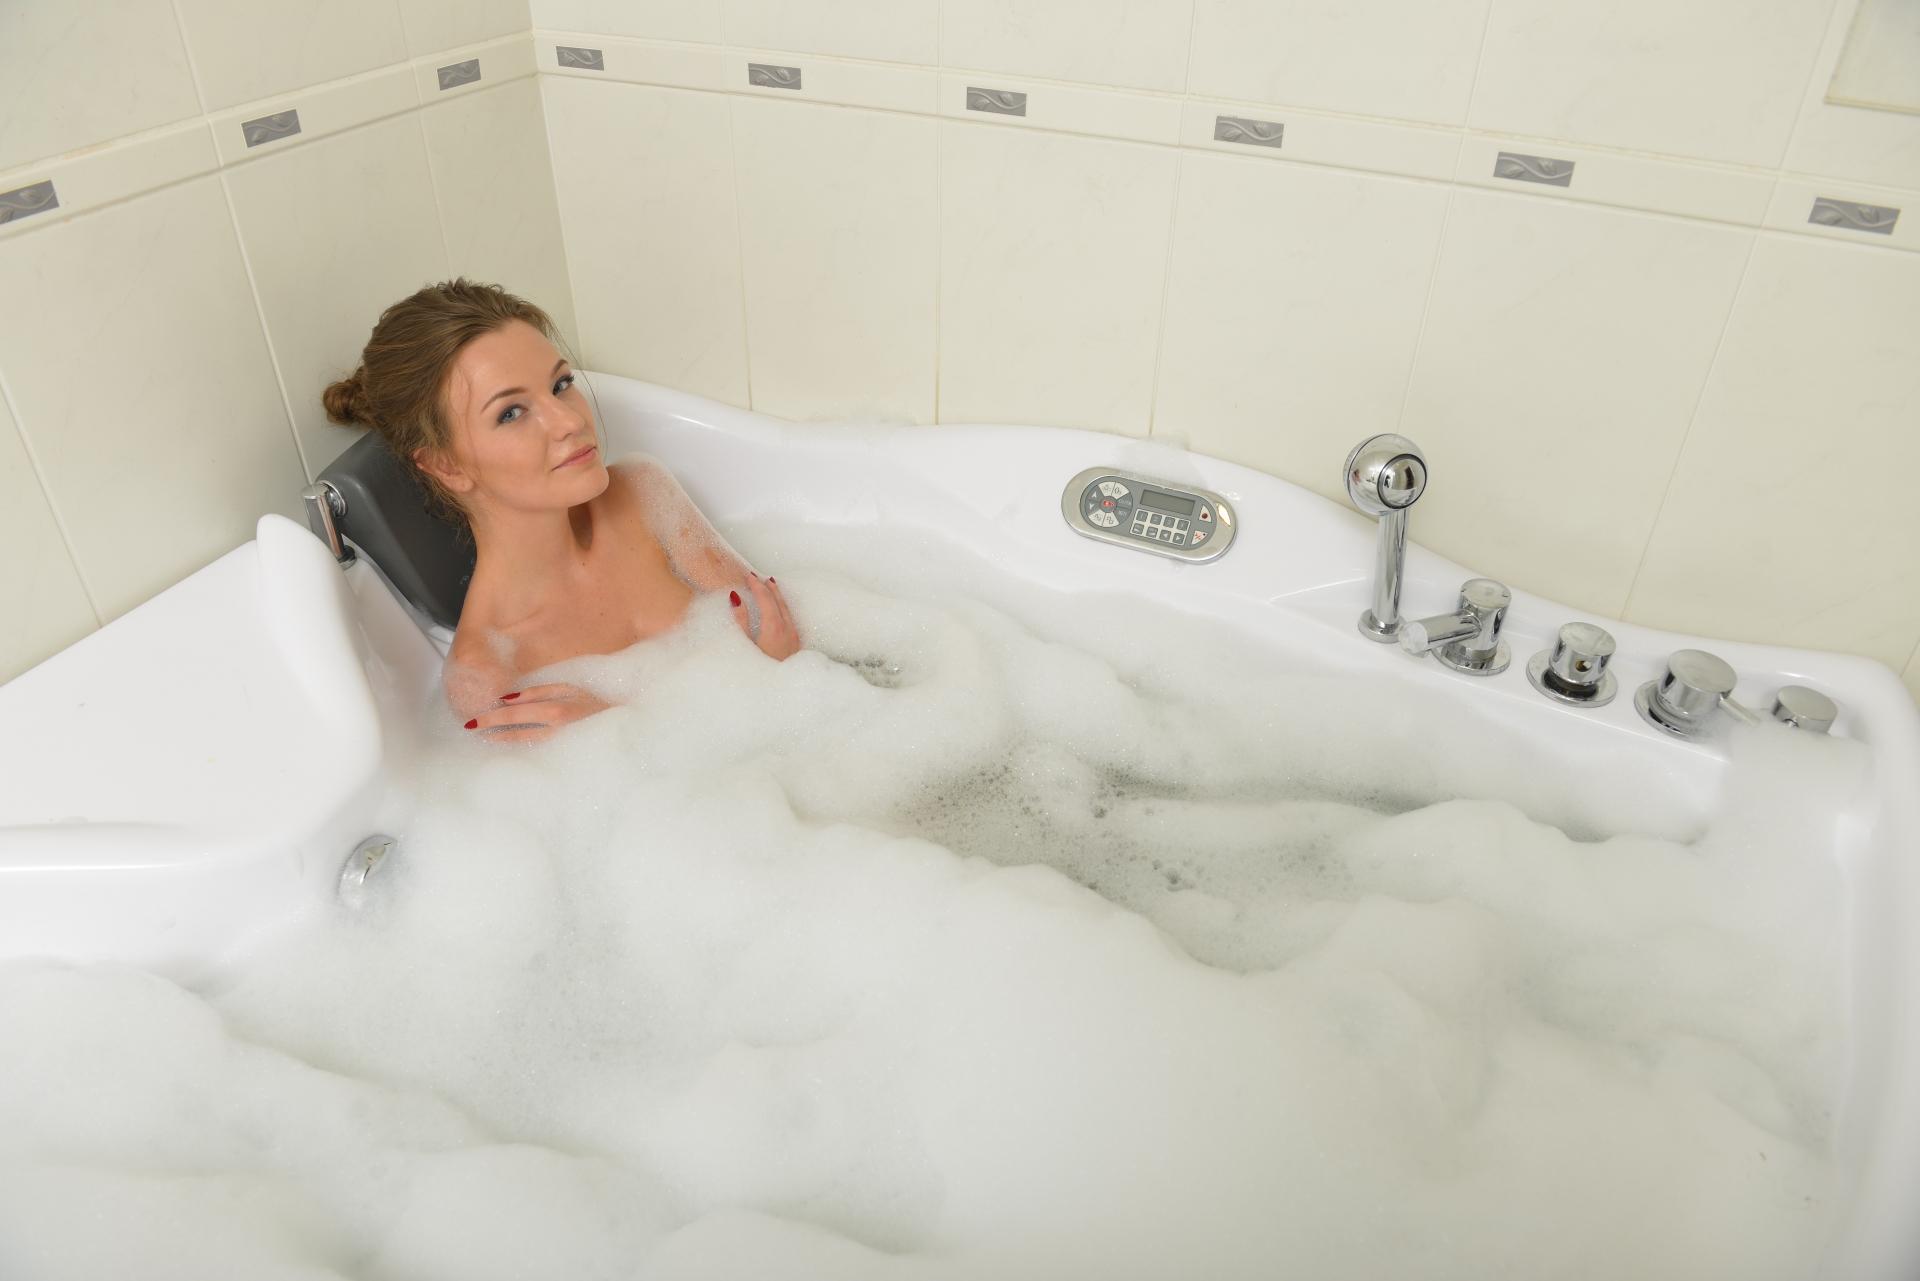 ホテルのお風呂の入り方は?ユニットバスの入浴方法が知りたい!